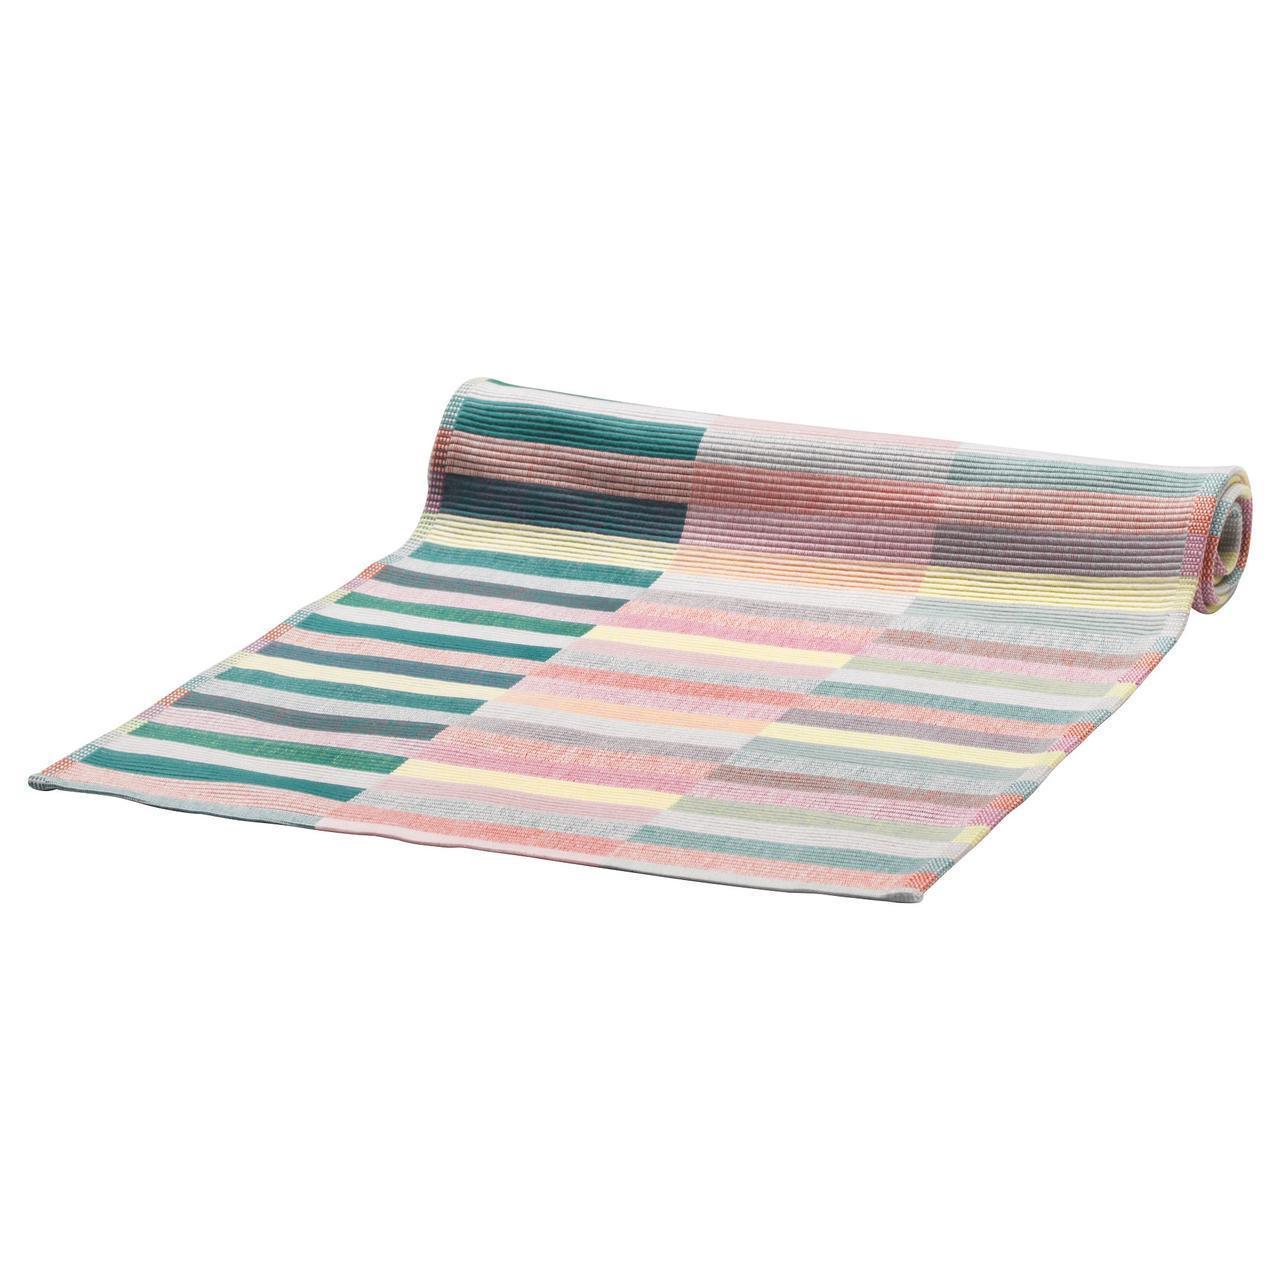 IKEA MITTBIT Настольная дорожка, розовый бирюзовый, светло-зеленый  (403.435.72)